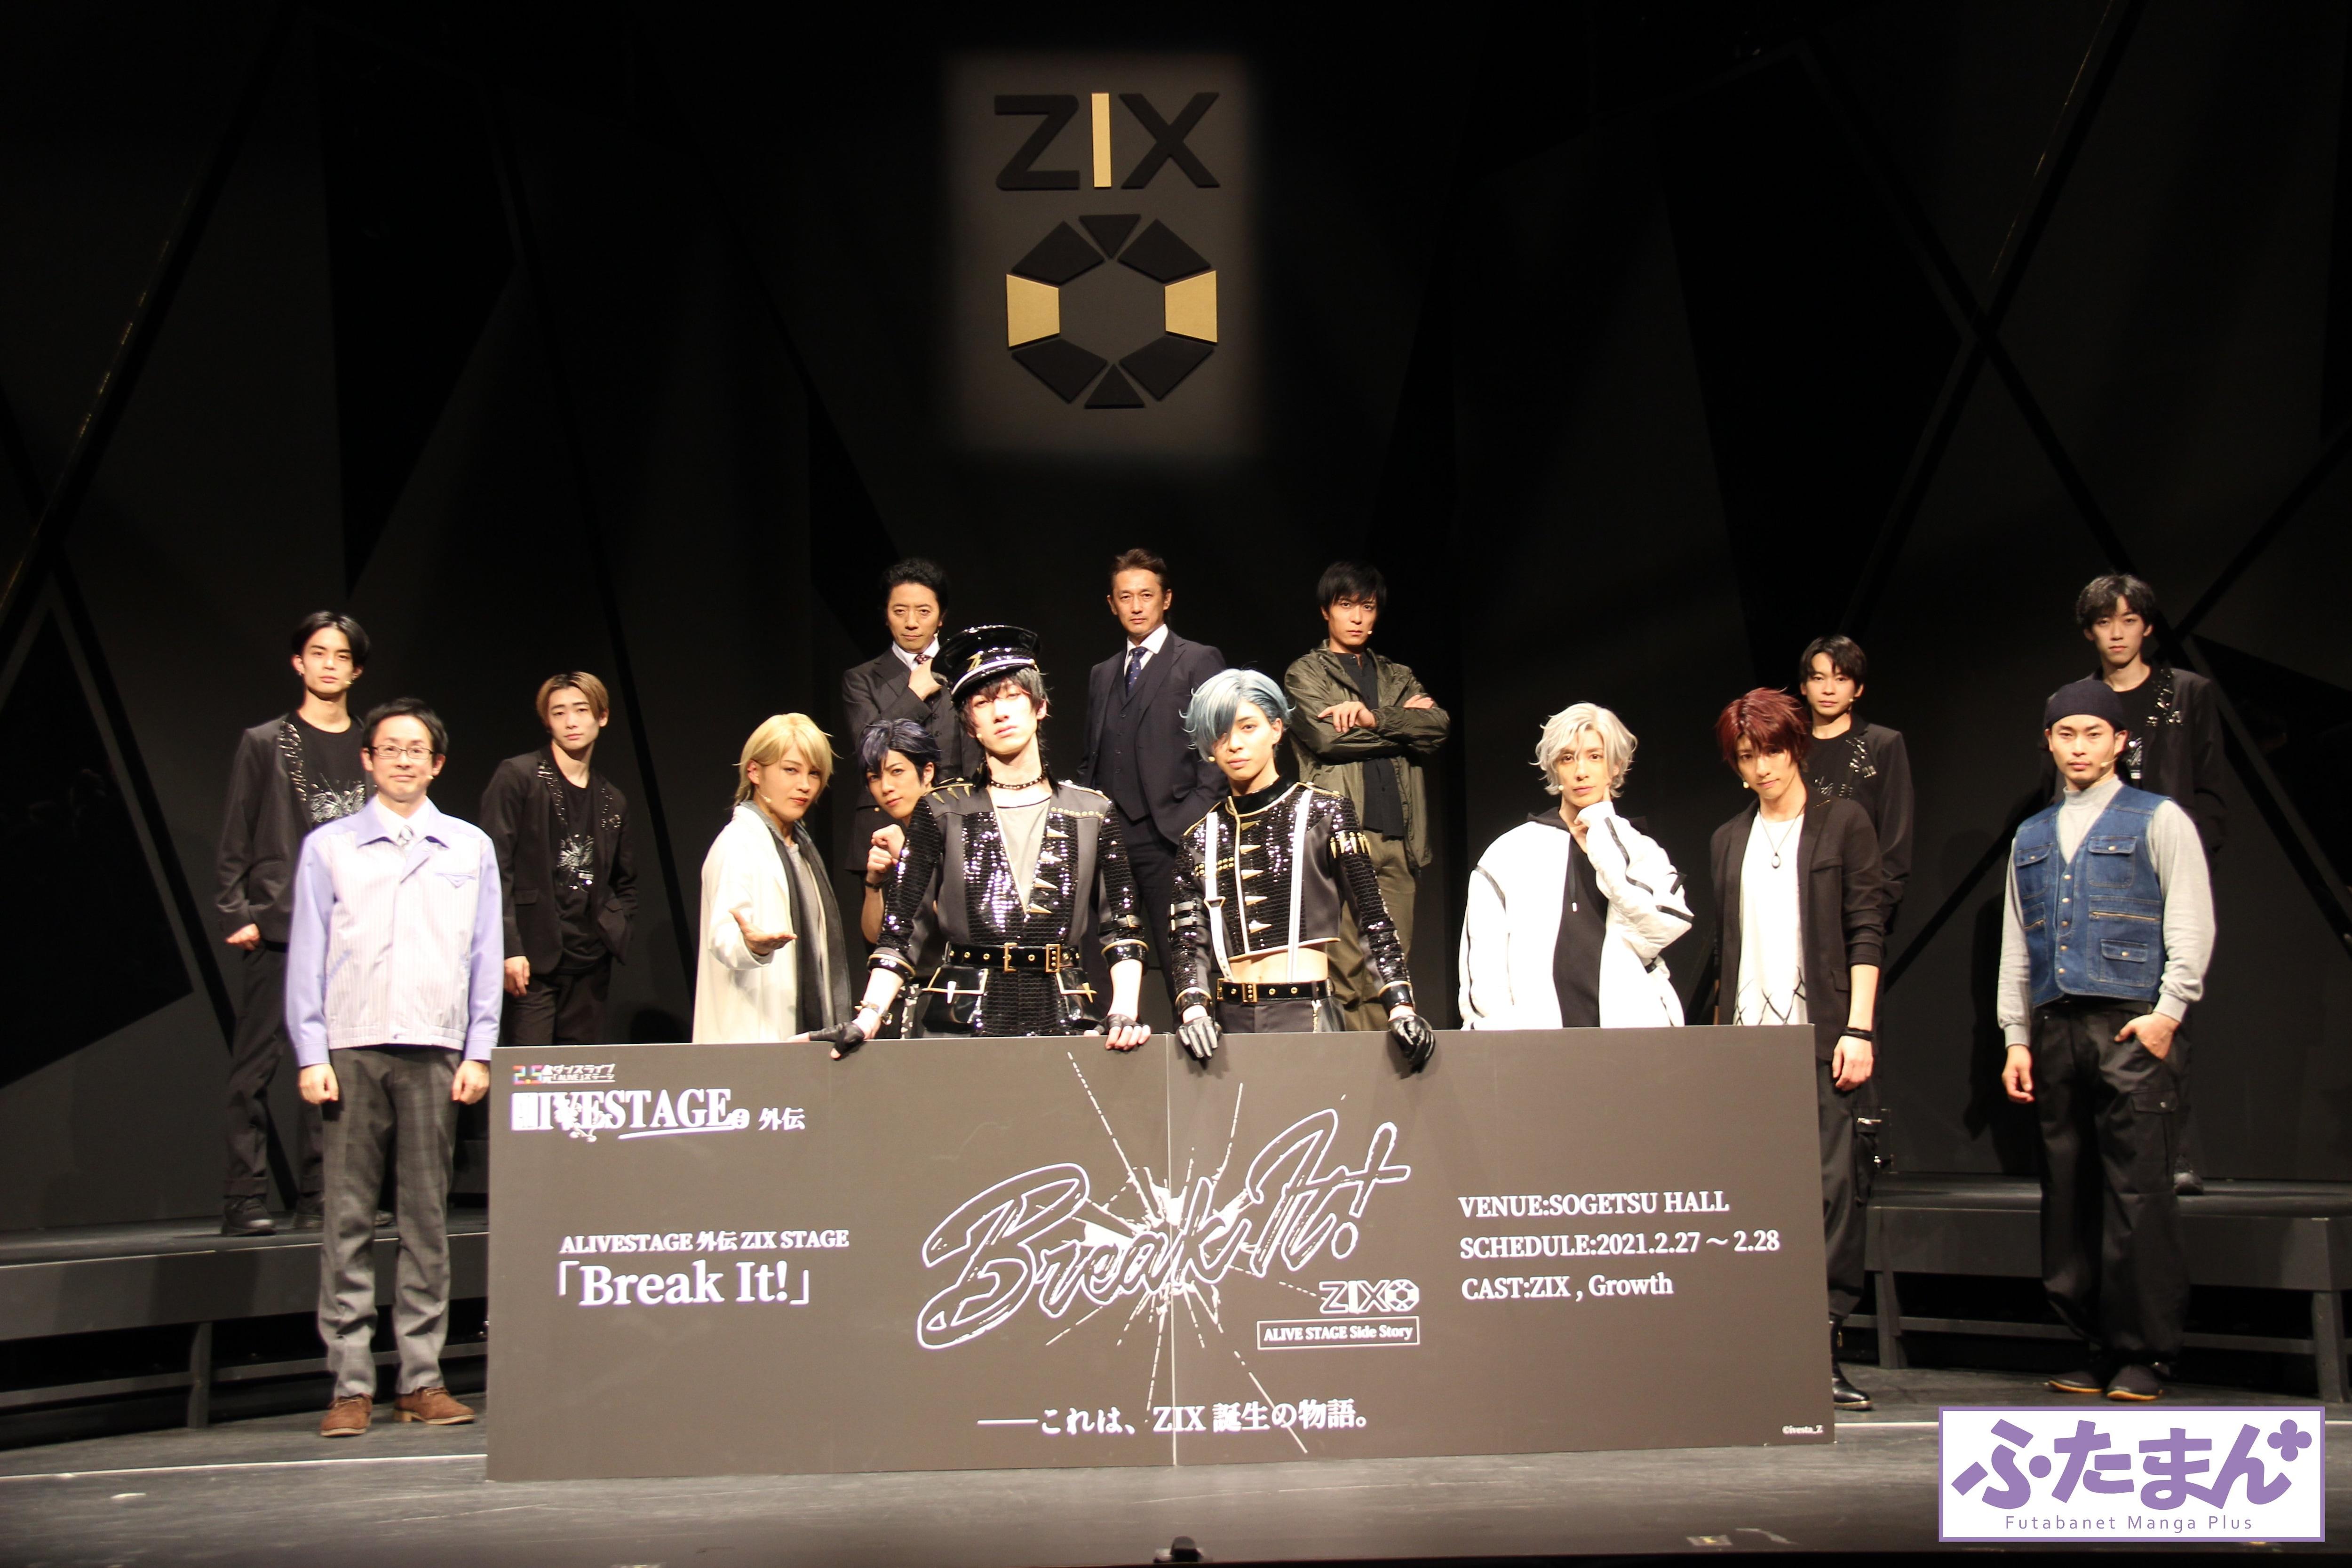 アウトローなZIXの魅力に酔いしれる2.5次元ダンスライブ「ALIVESTAGE」外伝 ZIX STAGE『Break It!』ゲネプロレポートの画像006